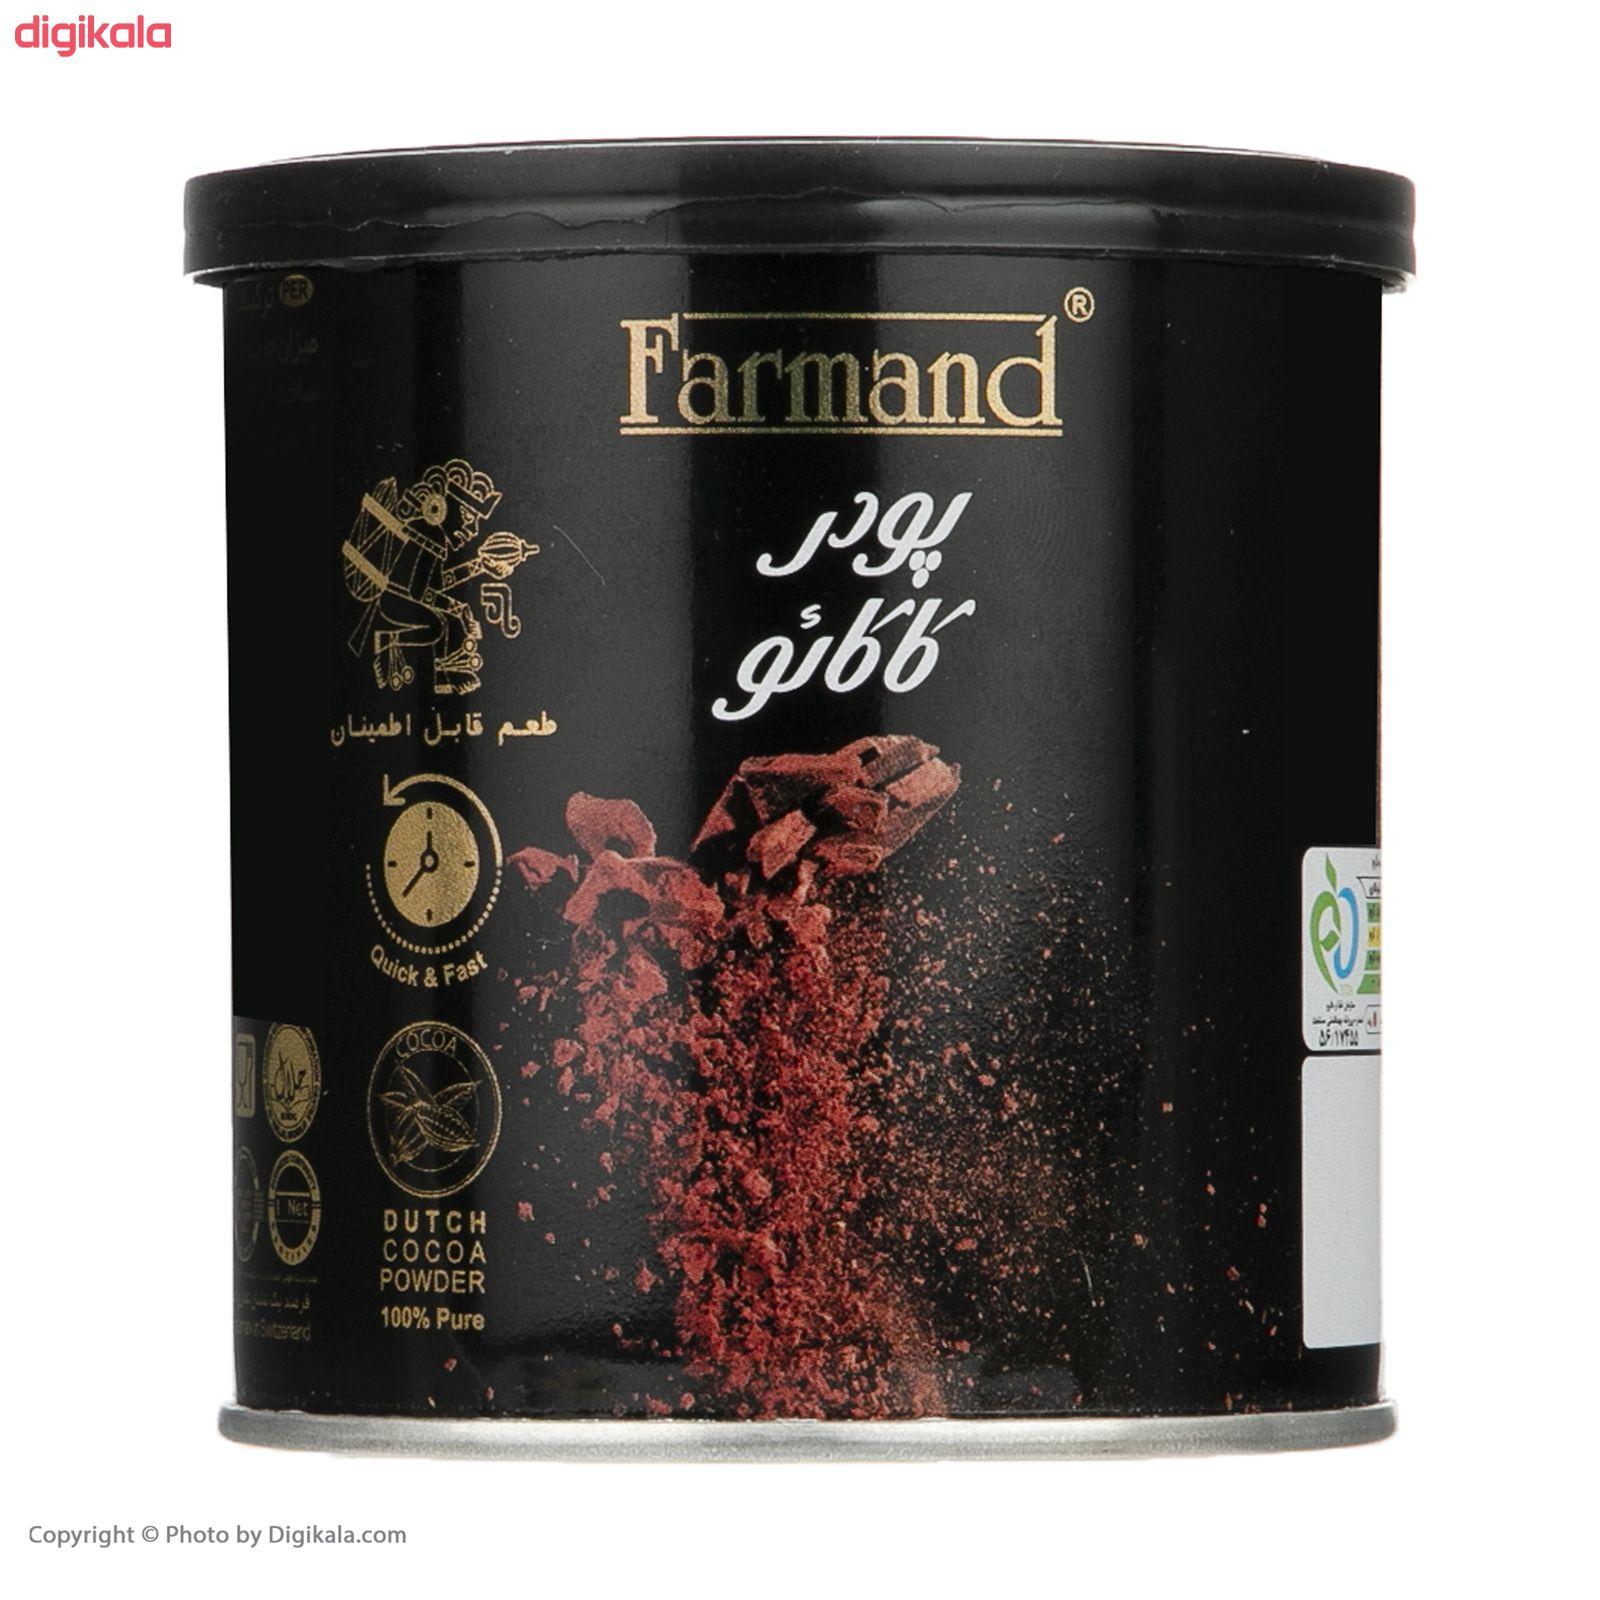 پودر کاکائو فرمند مقدار 100 گرم main 1 1